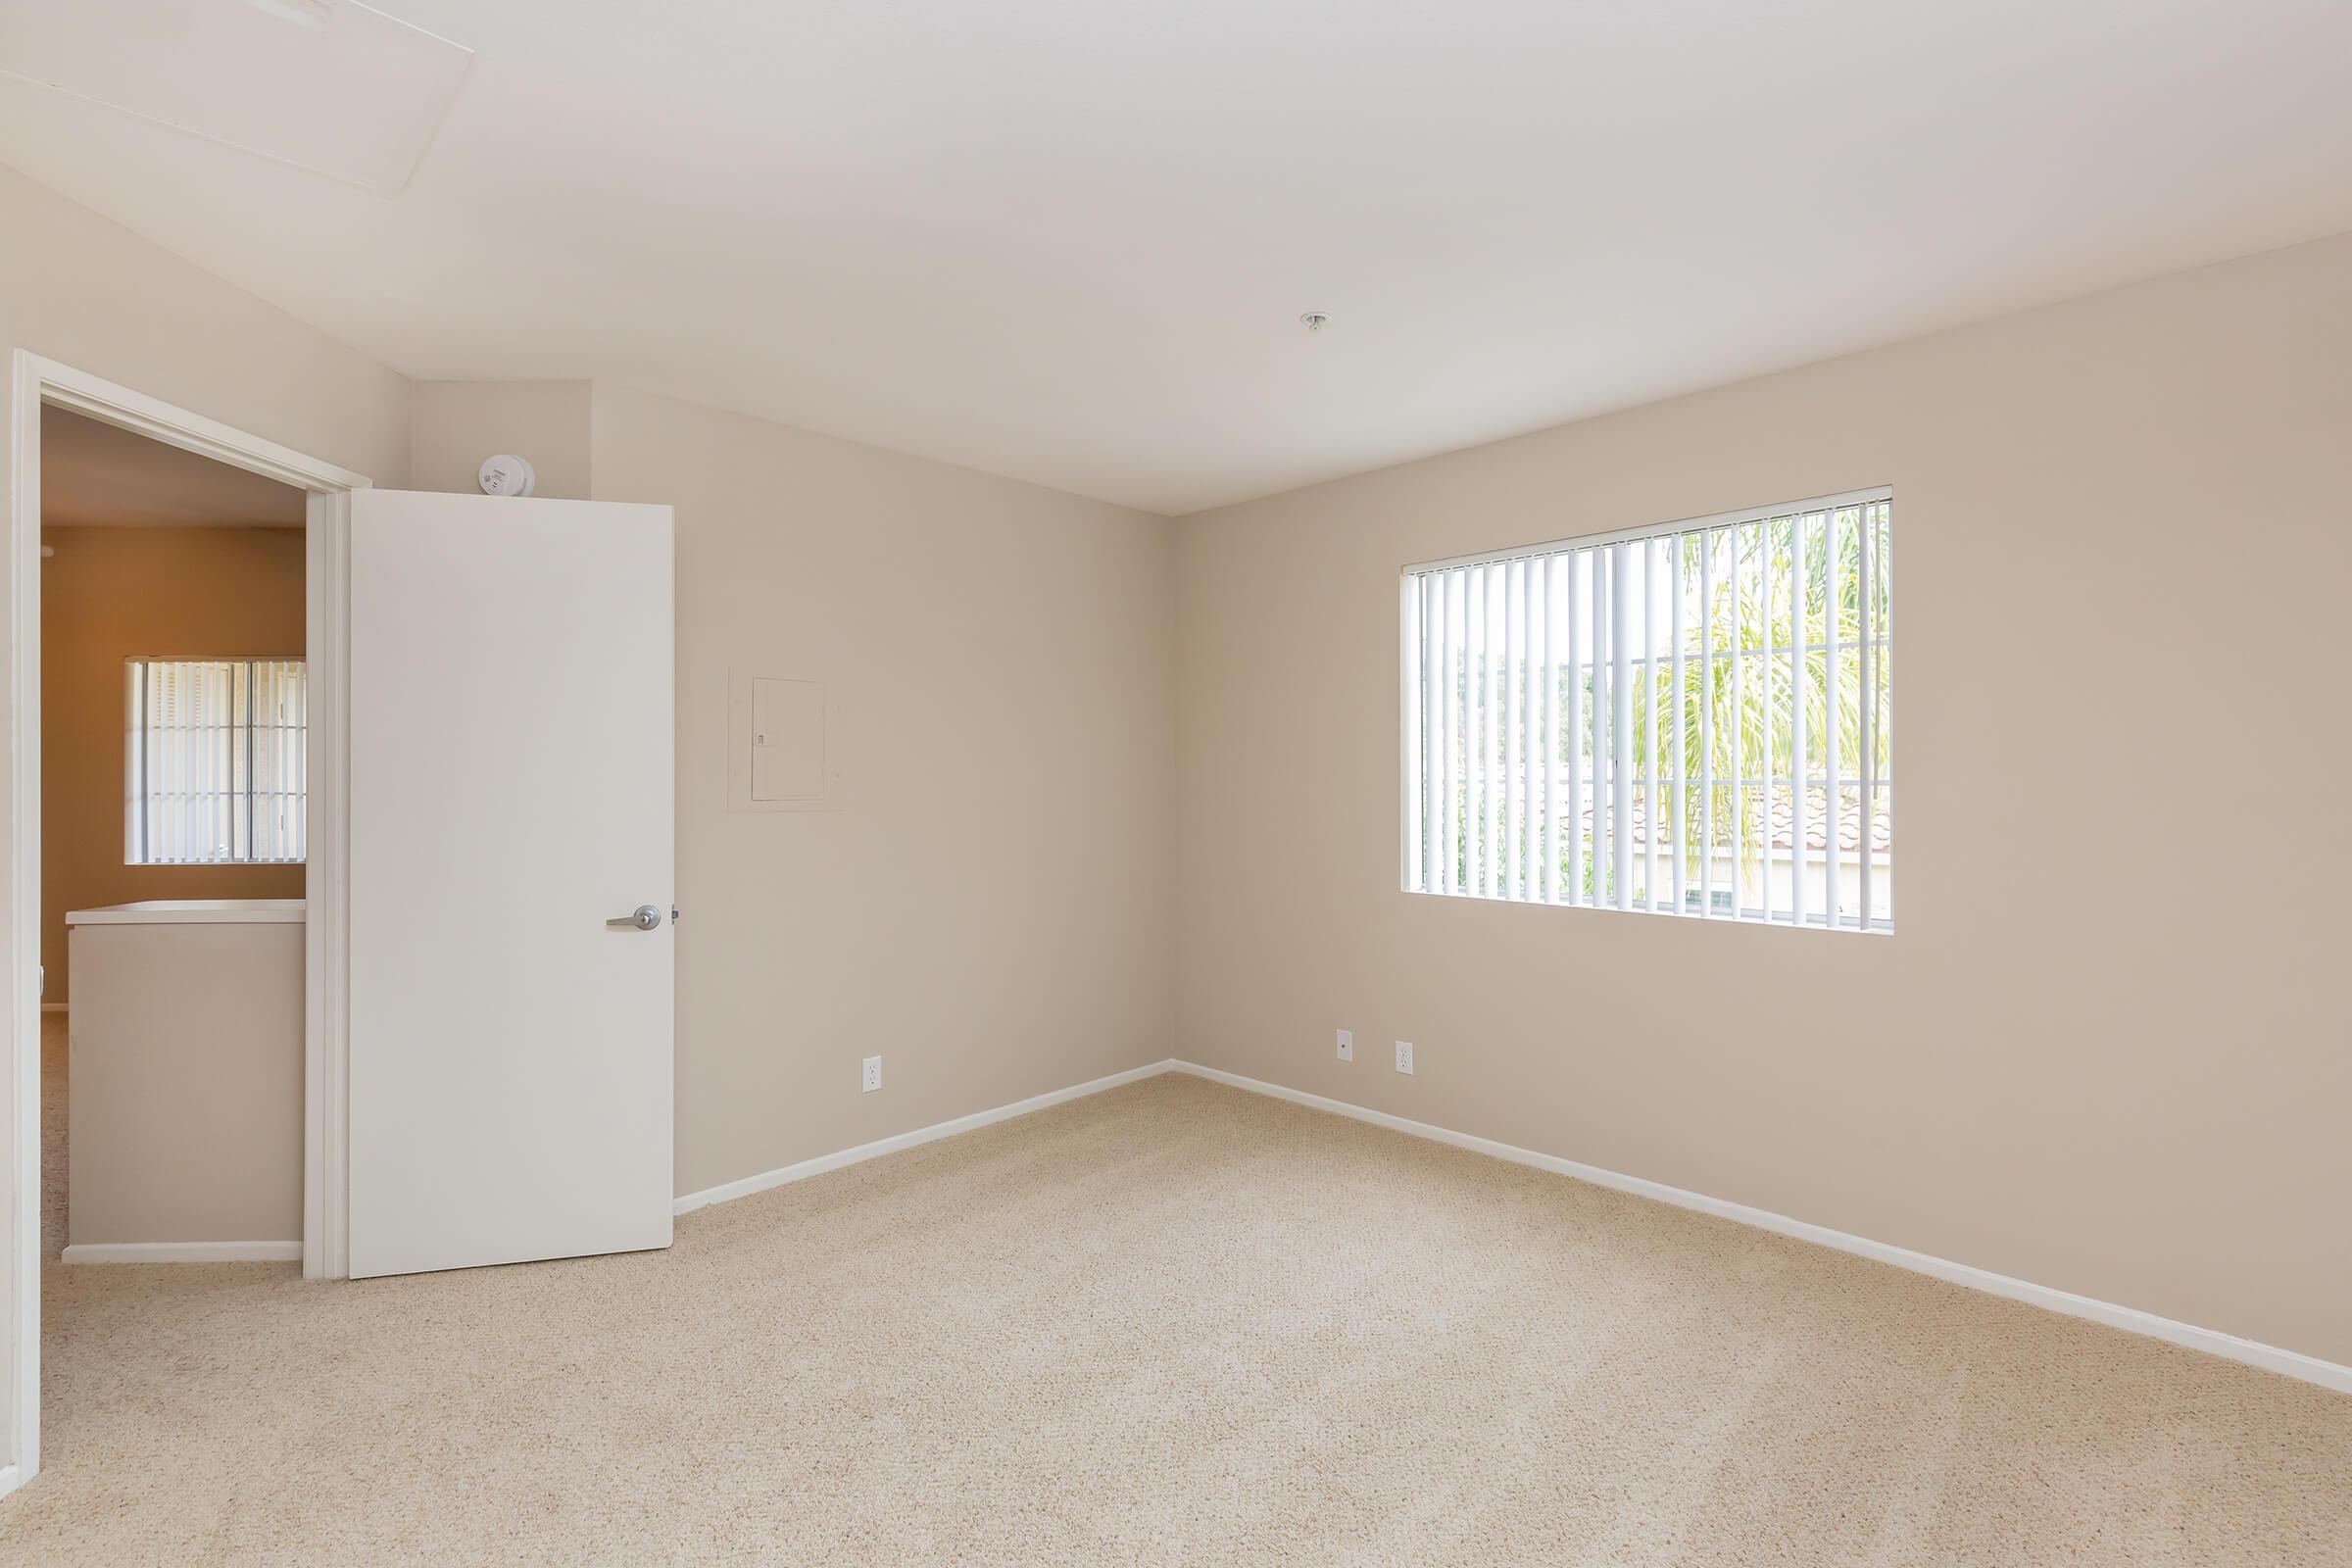 Unfurnished carpeted bedroom